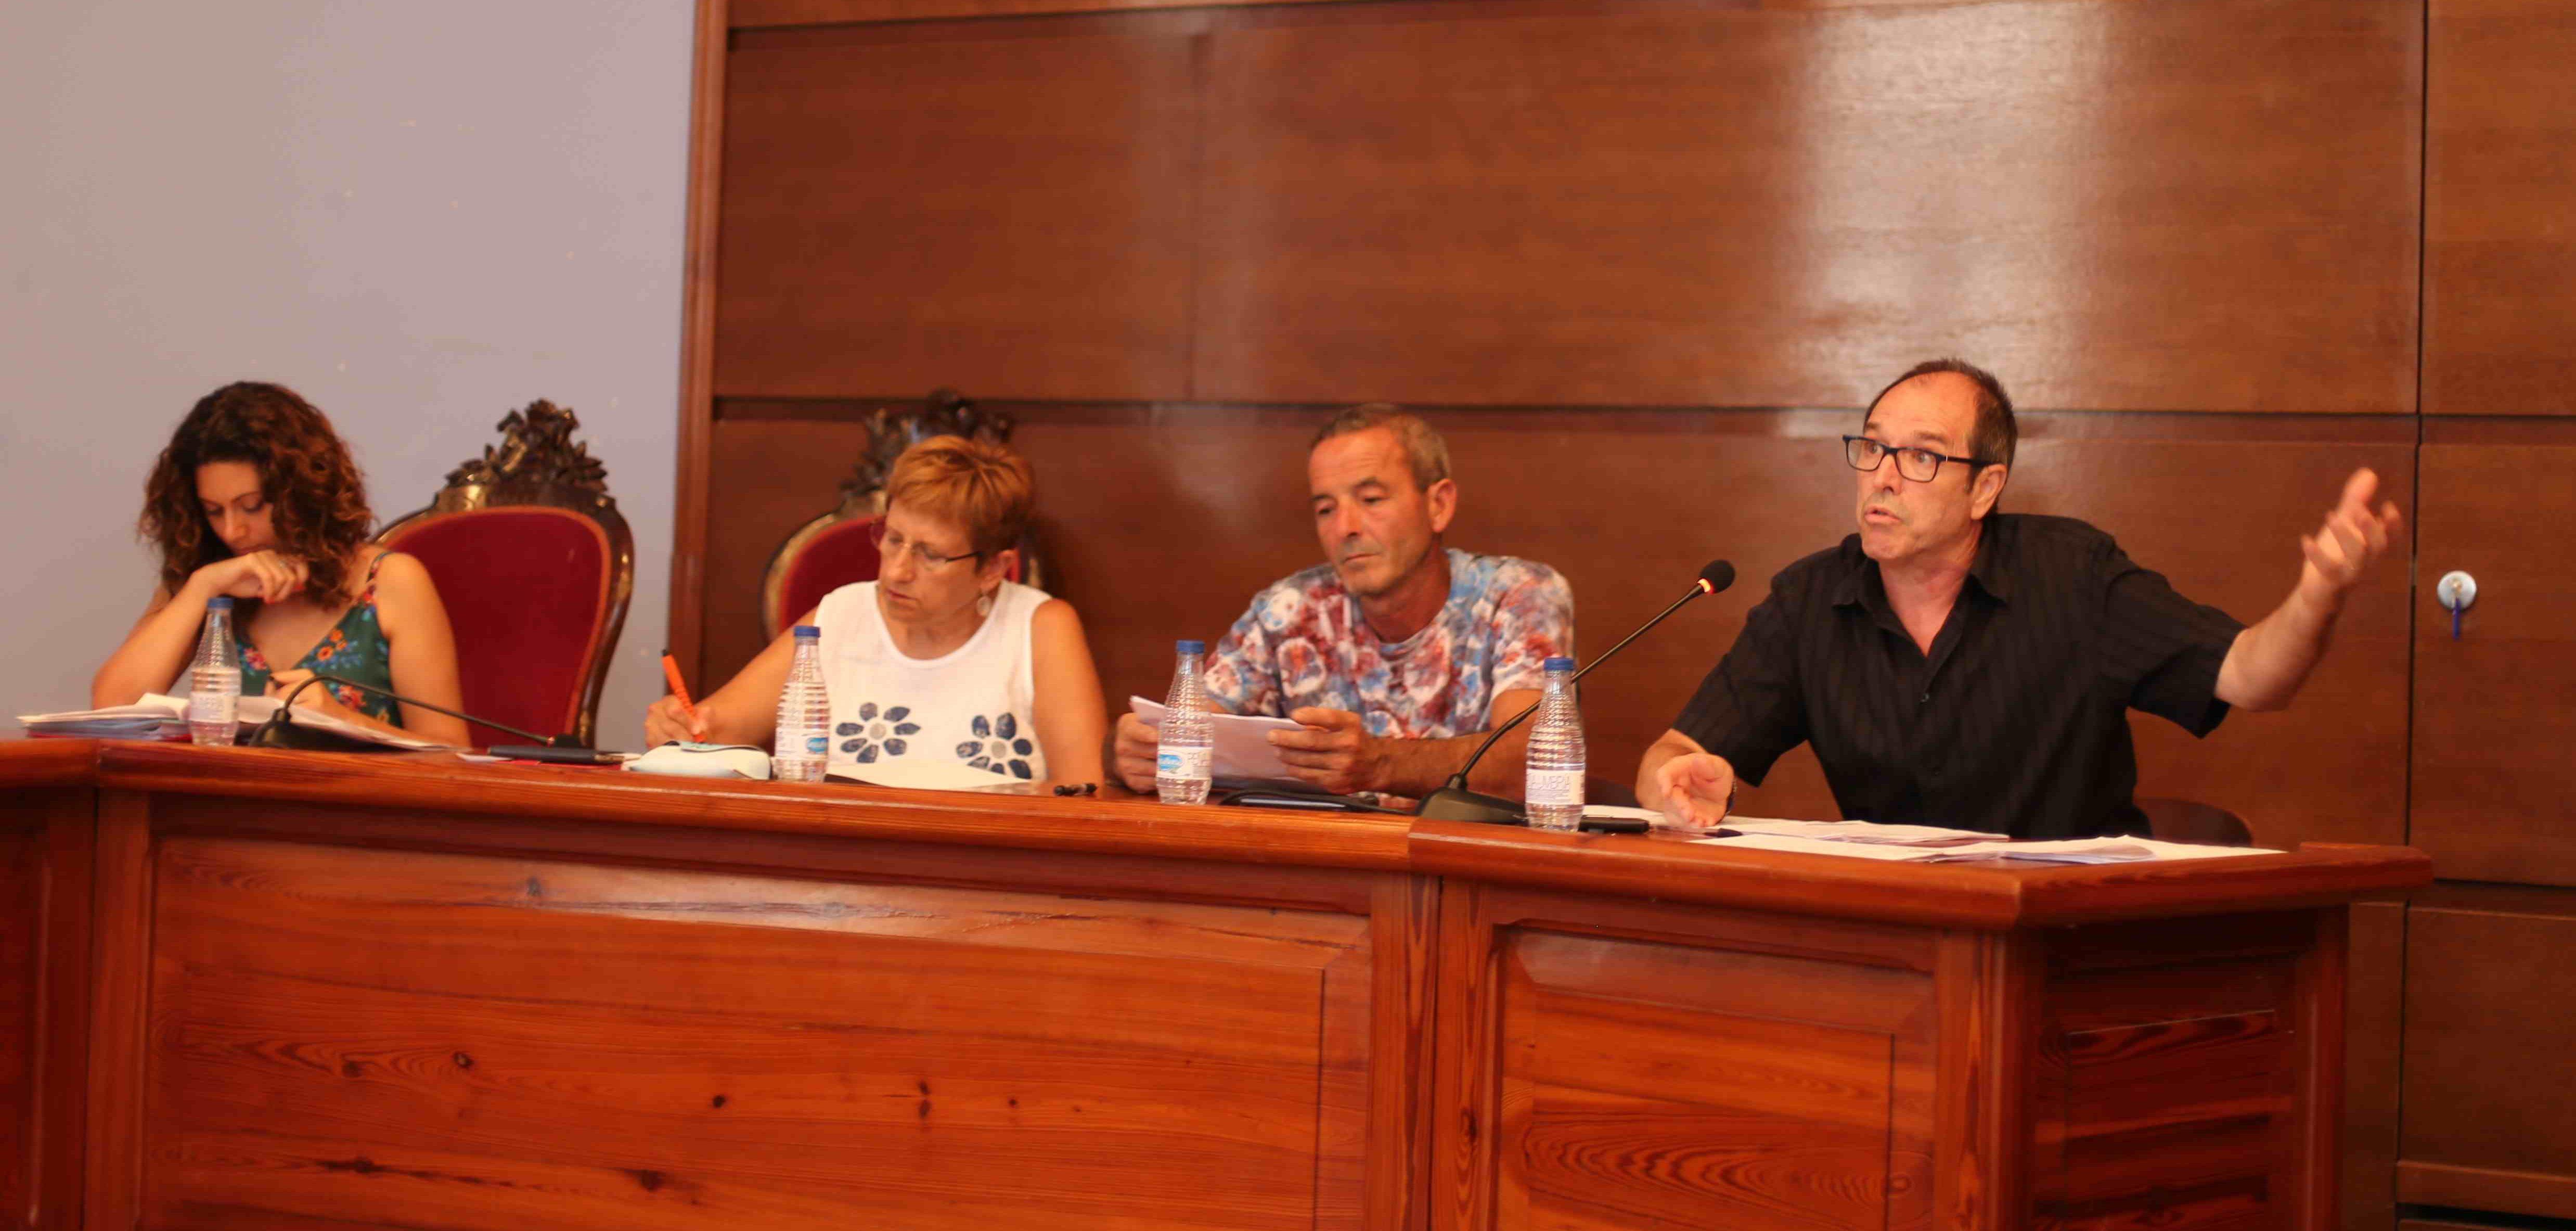 El concejal de Servicios, José Vicente Guijarro, recordó el proceso de concurso público del servicio municipal de recogida de residuos sólidos urbanos y limpieza viaria.